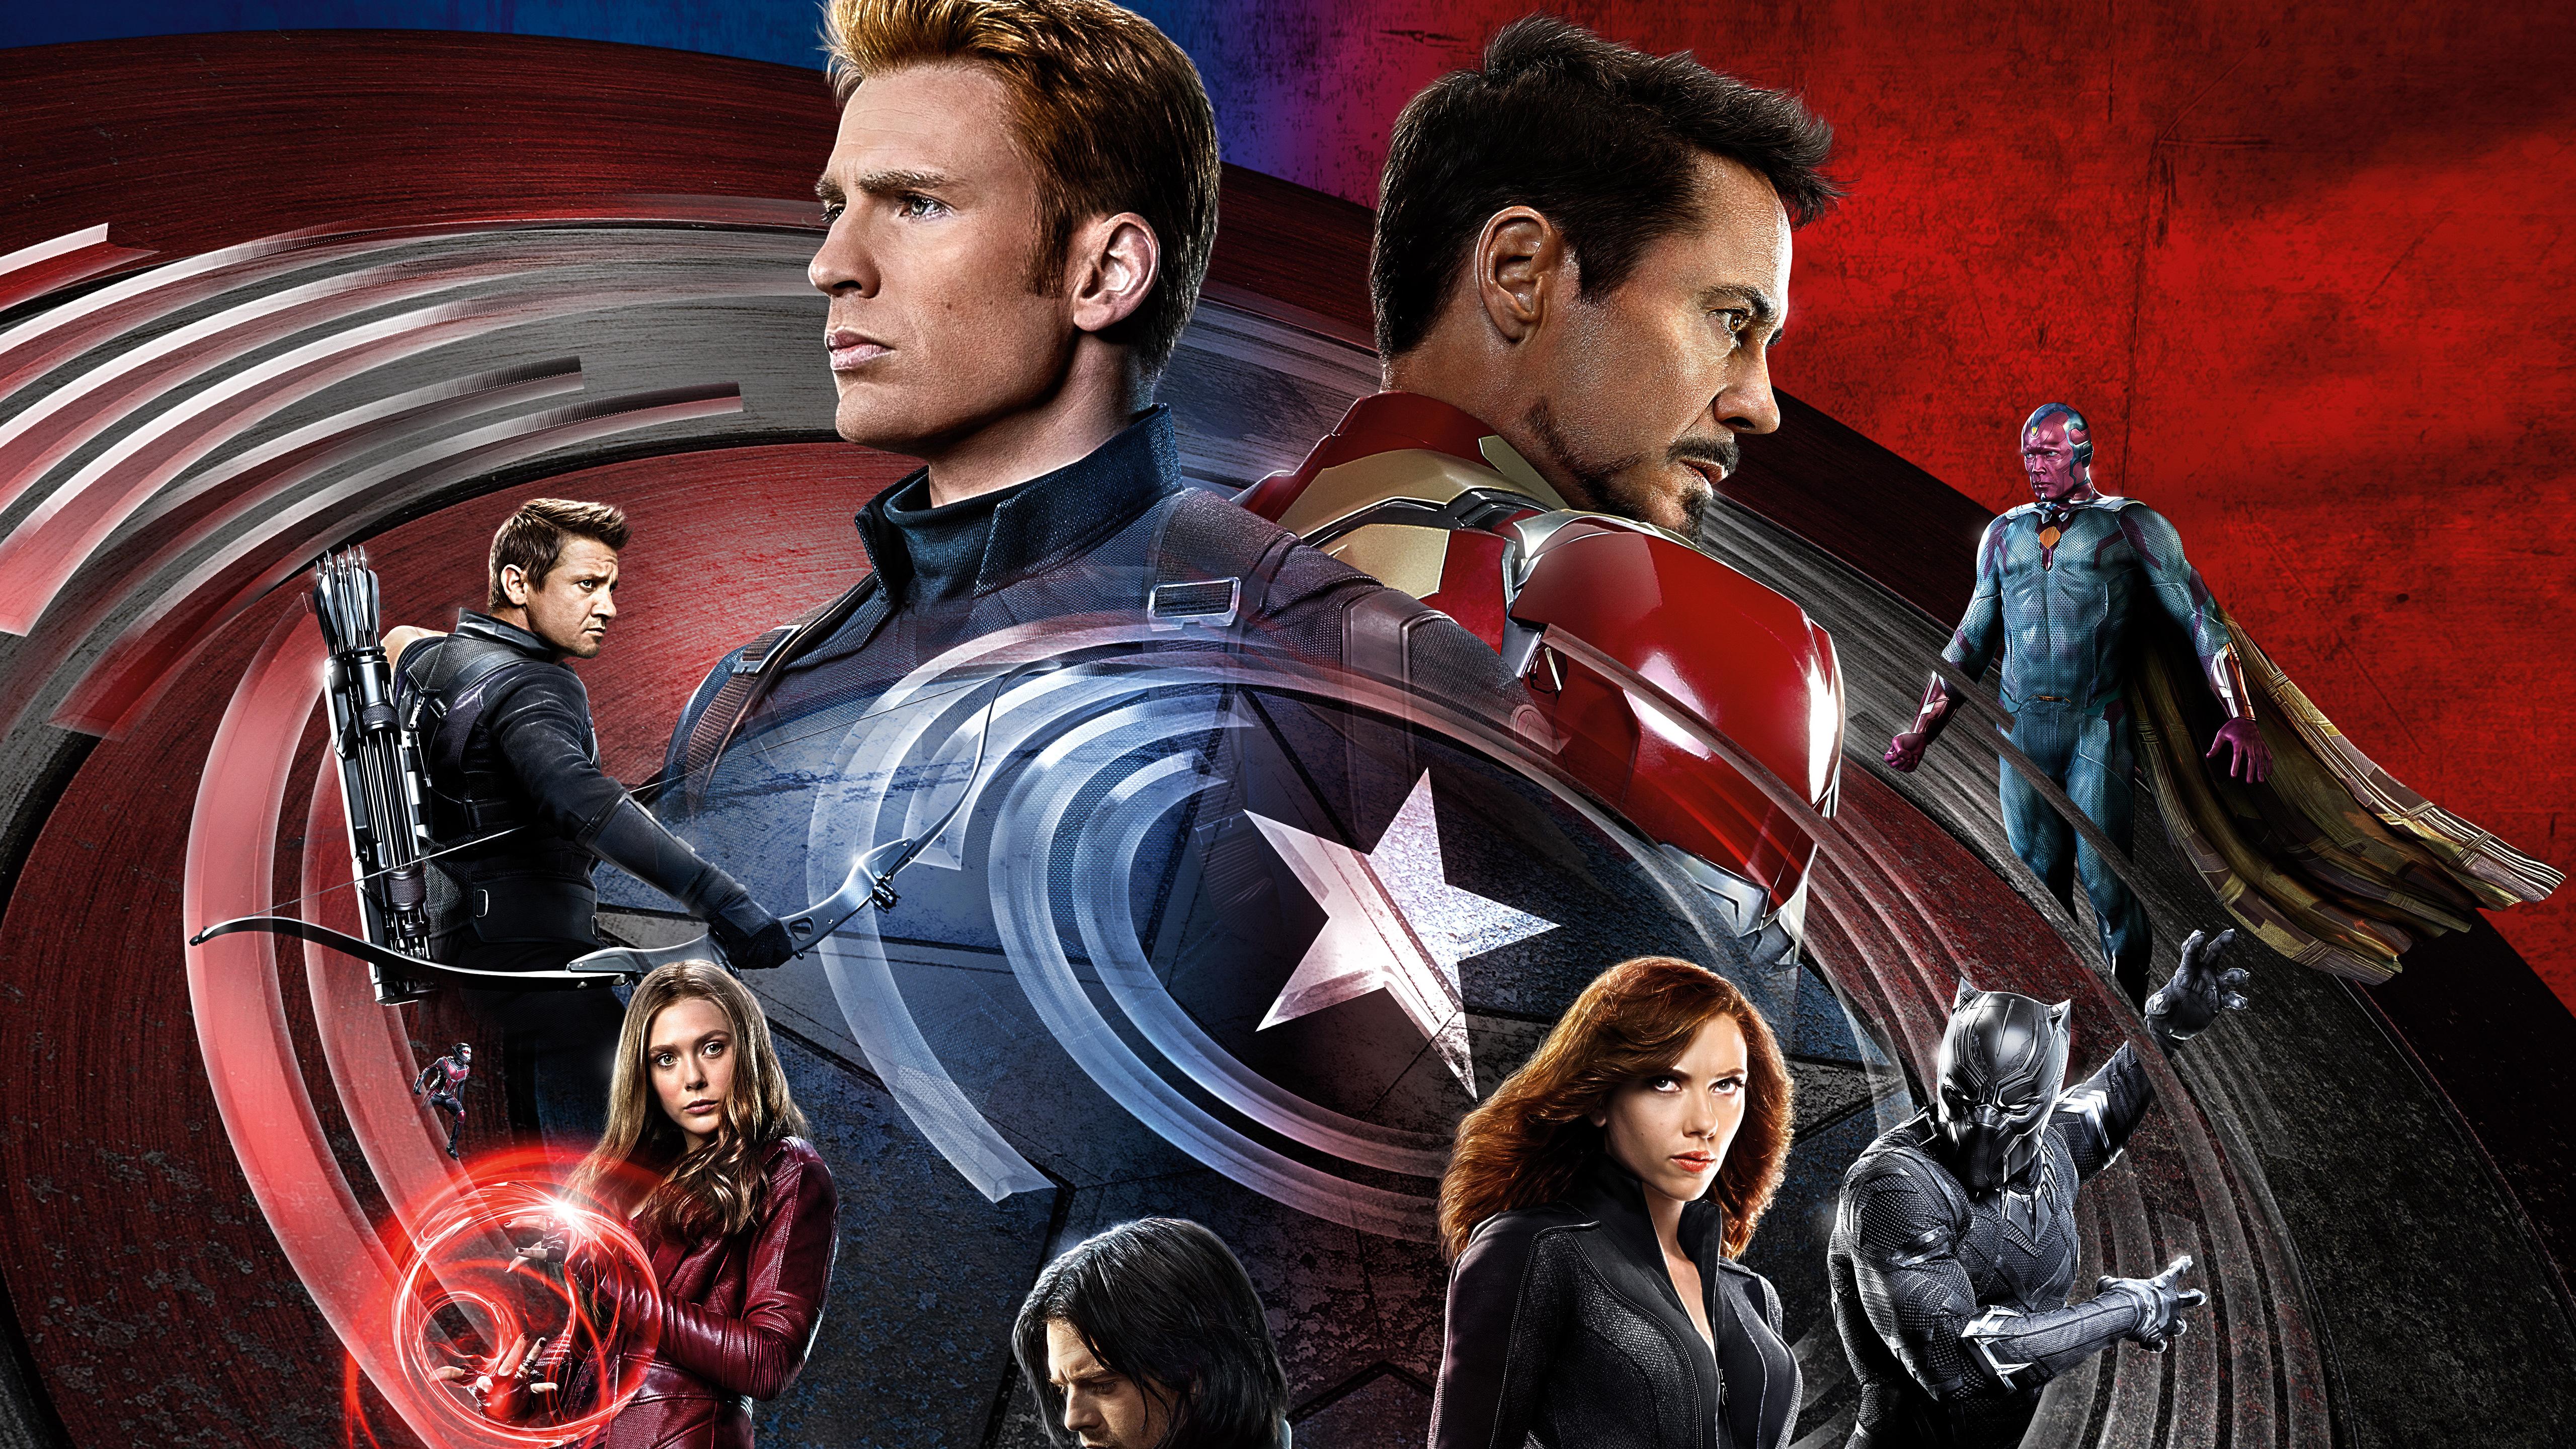 Captain America Civil War 4k: Captain America: Civil War Backgrounds, Pictures, Images